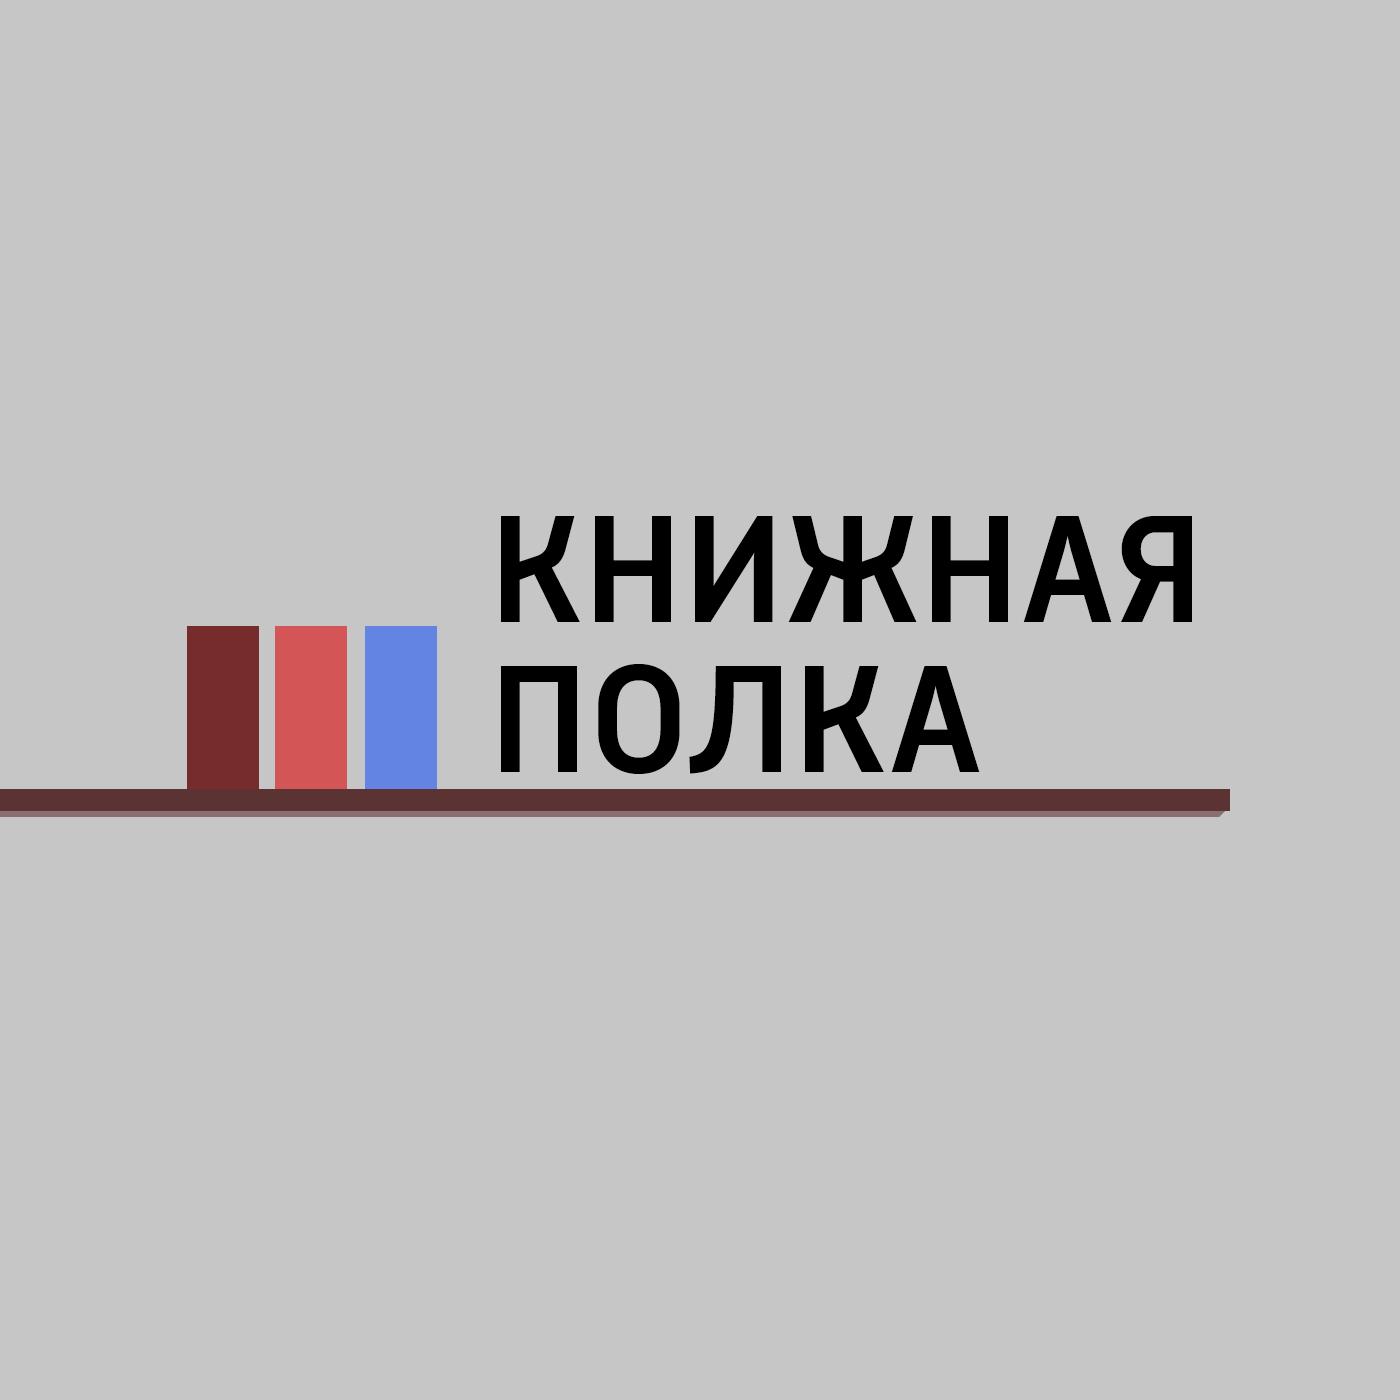 Маргарита Митрофанова Альпина Паблишер: что почитать на майские праздники printio ночь темна и полна углеводородов